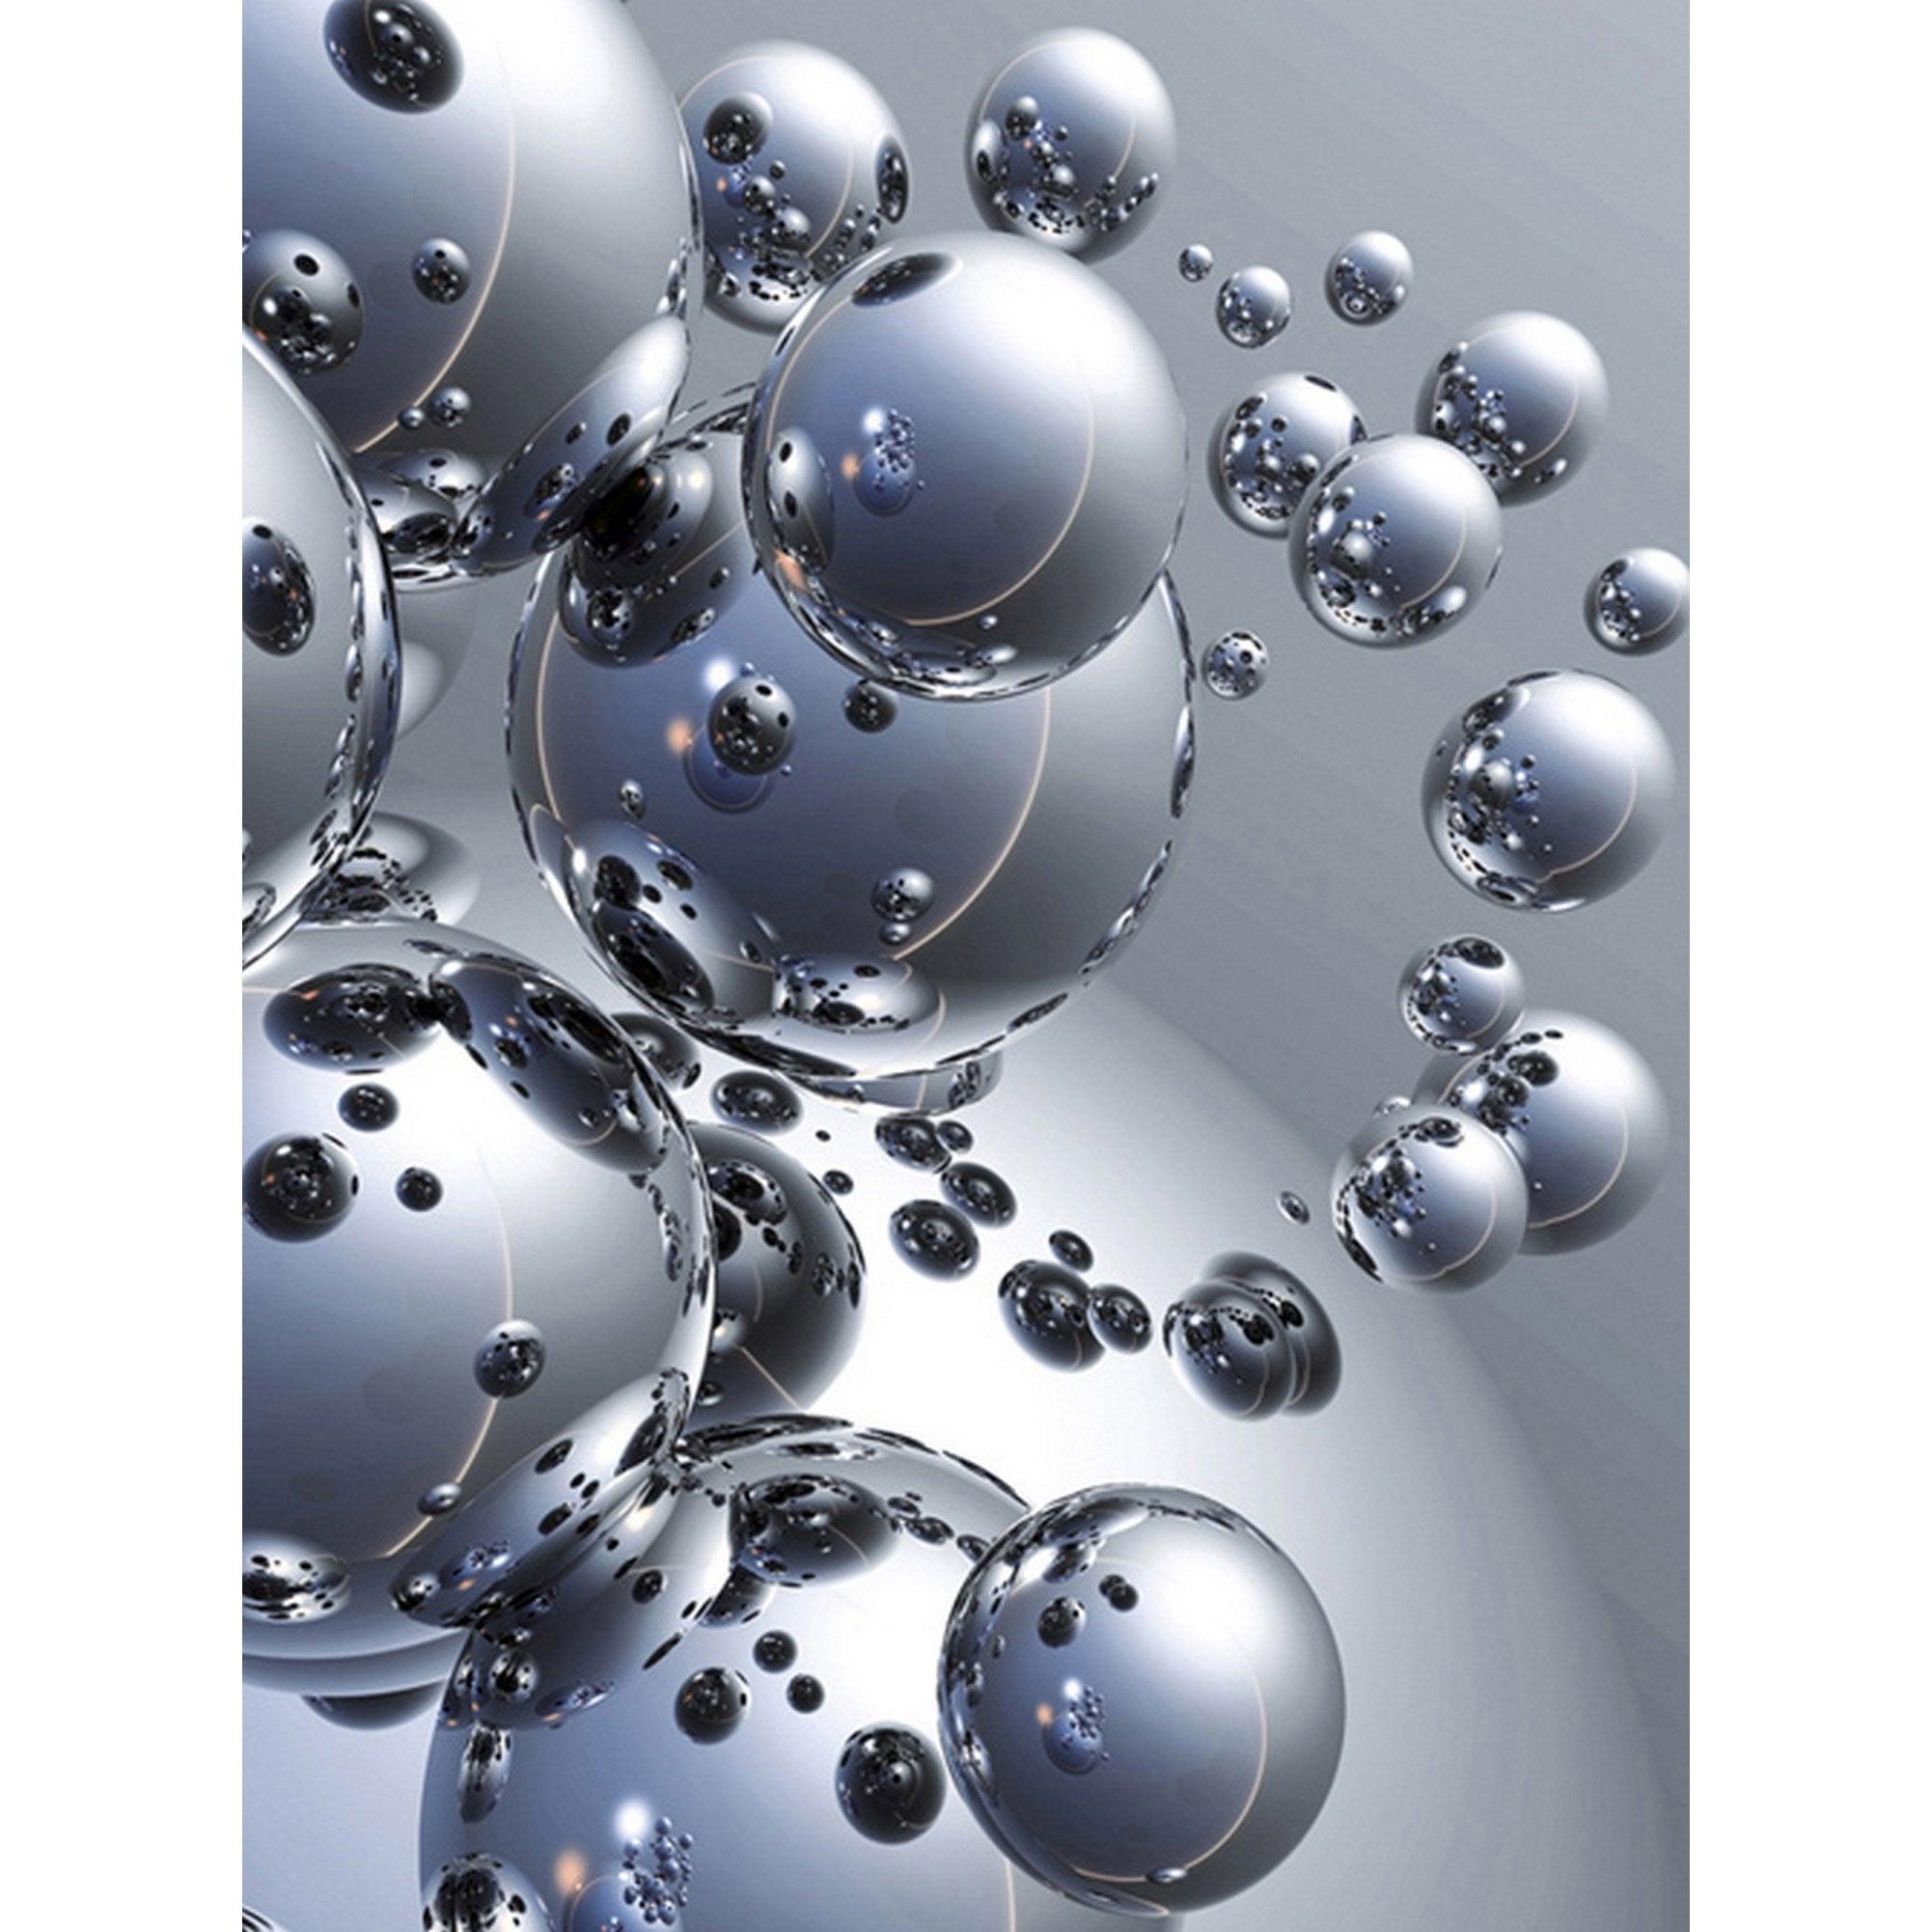 Affiche Silver Orbs L 80 X H 60 Cm Couleur Argent Art Fractal Fond D Ecran Colore